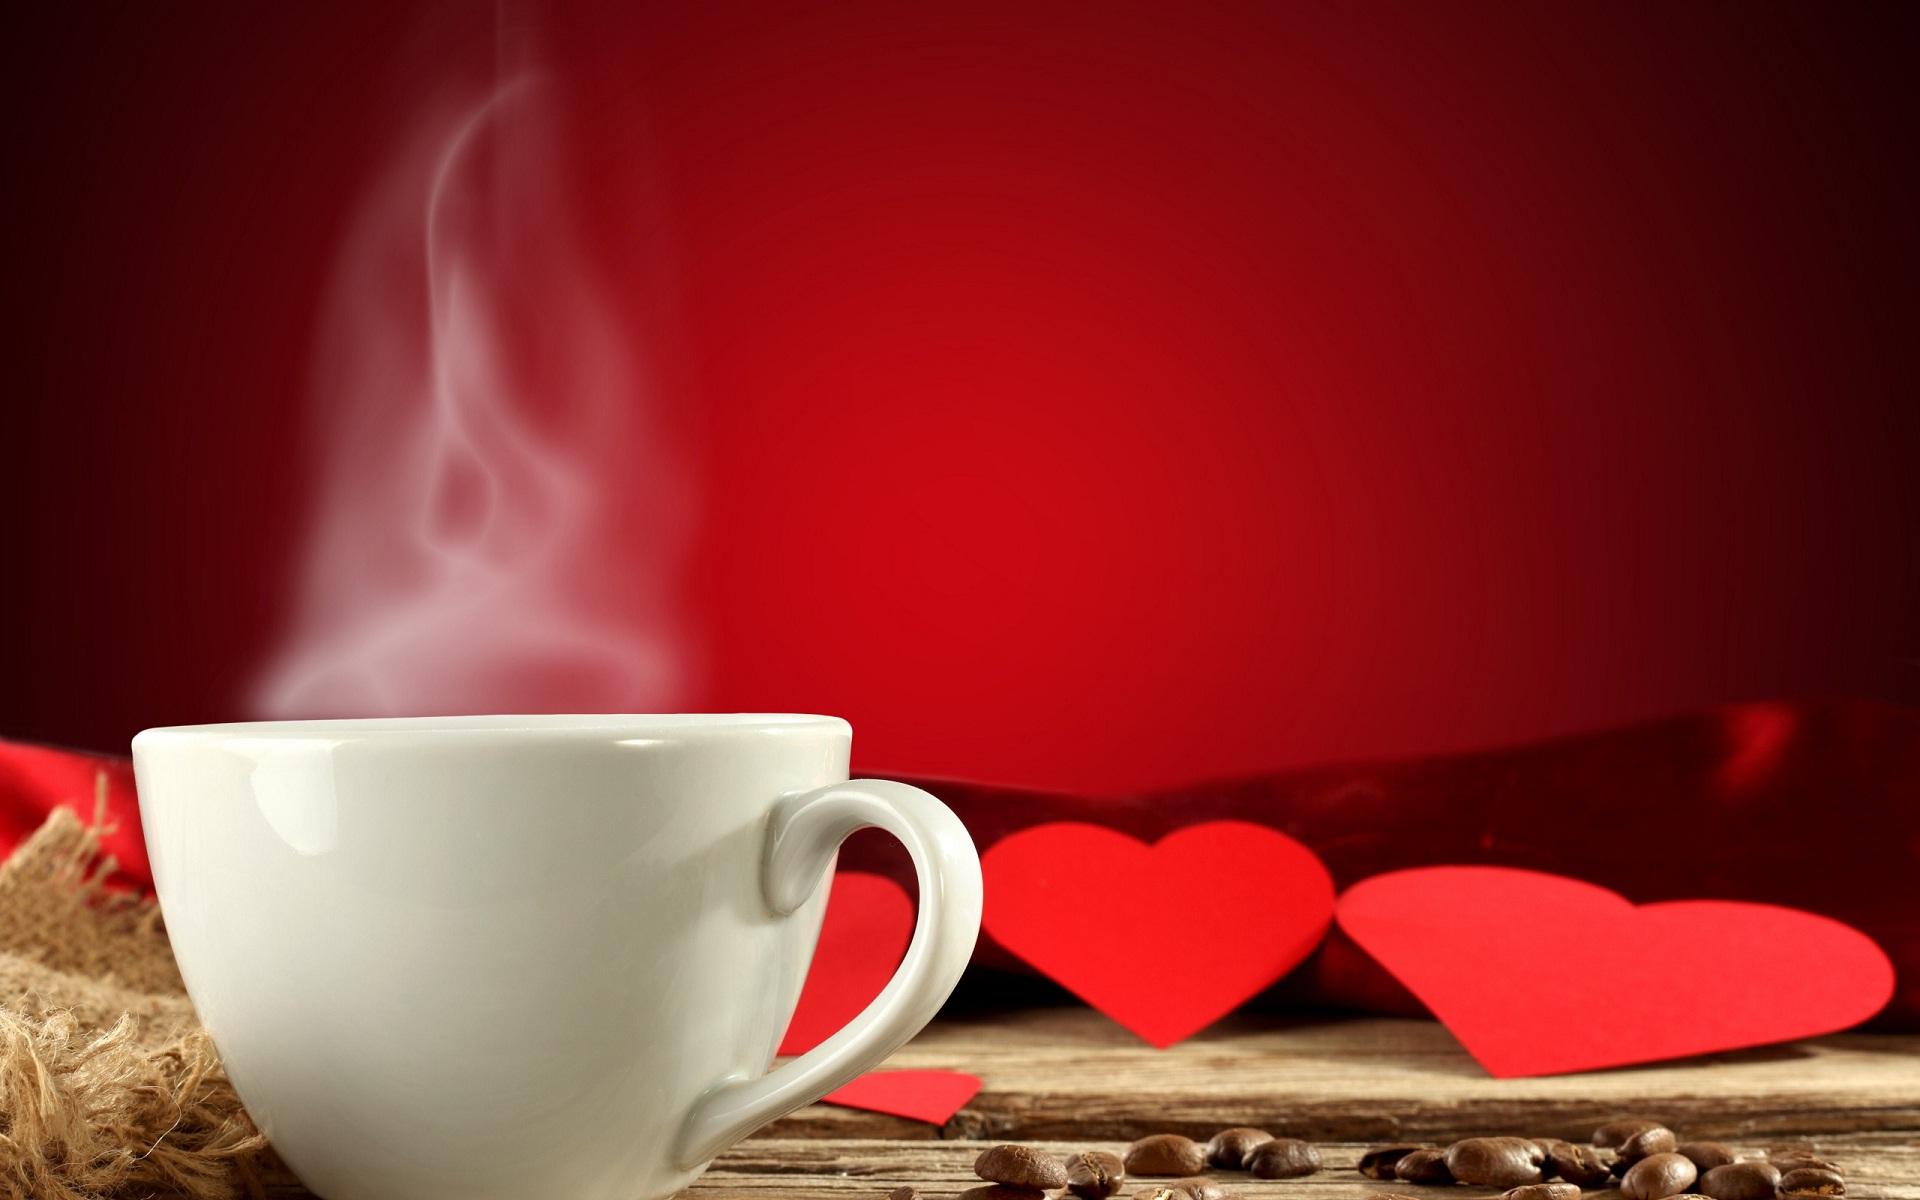 بالصور احبك حبيبي , اجمل كلمات الحب 5155 5